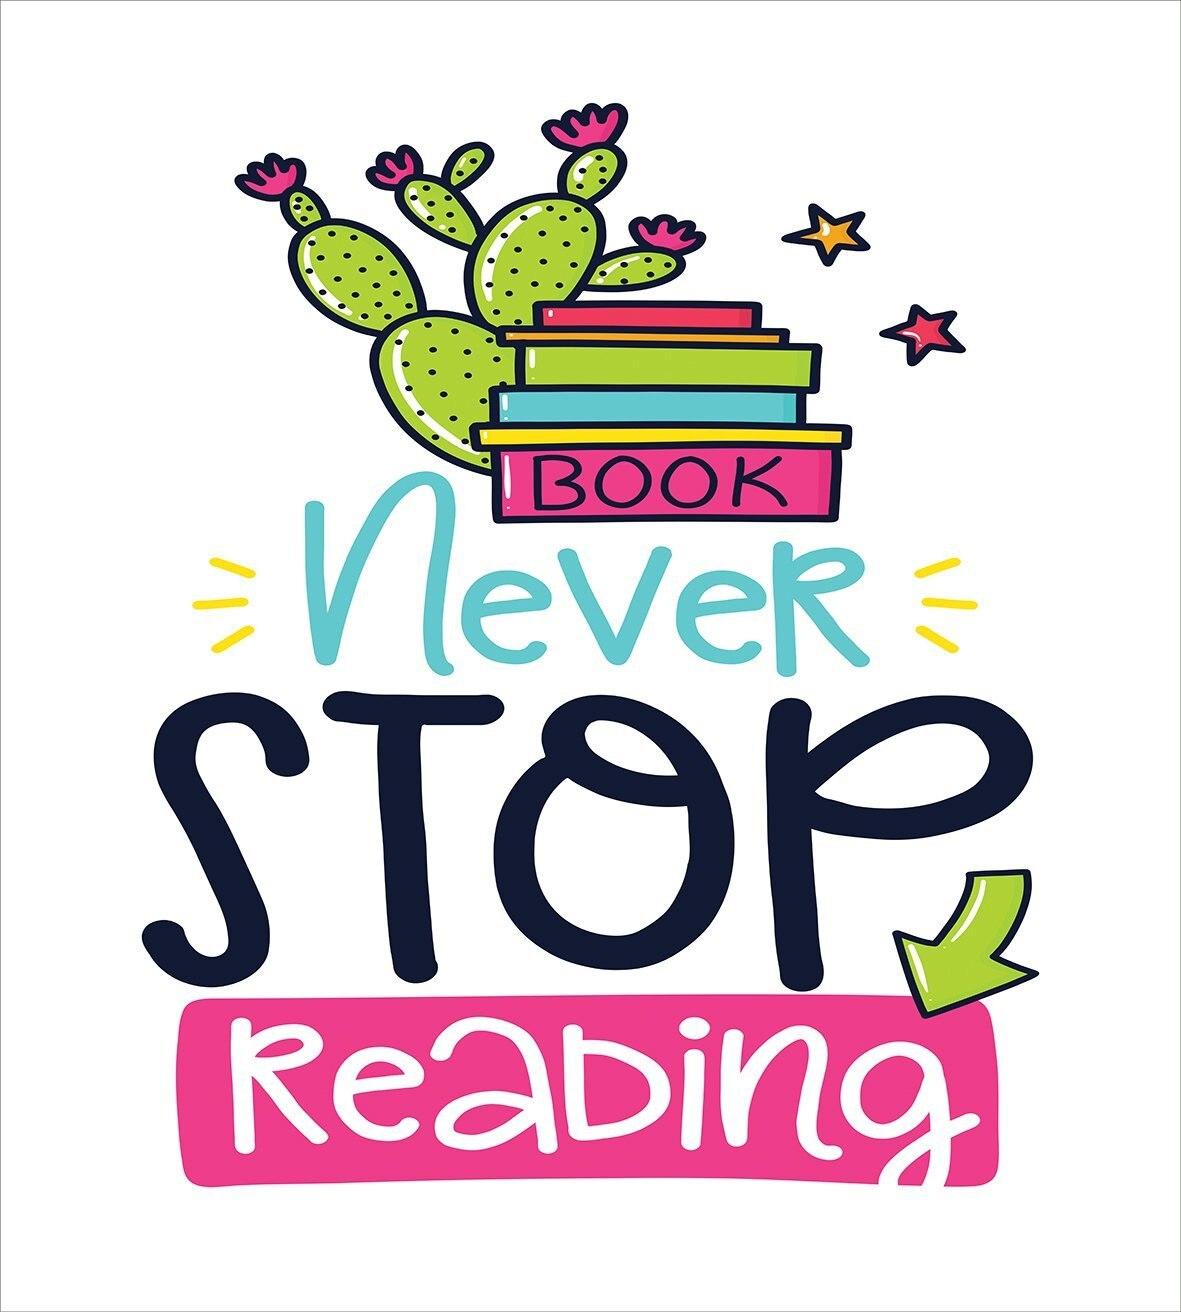 Постельное белье яркие Цвет кактус и звезды за книги с вдохновляющие принт никогда не останавливаться чтения, 4 шт. Постельное белье